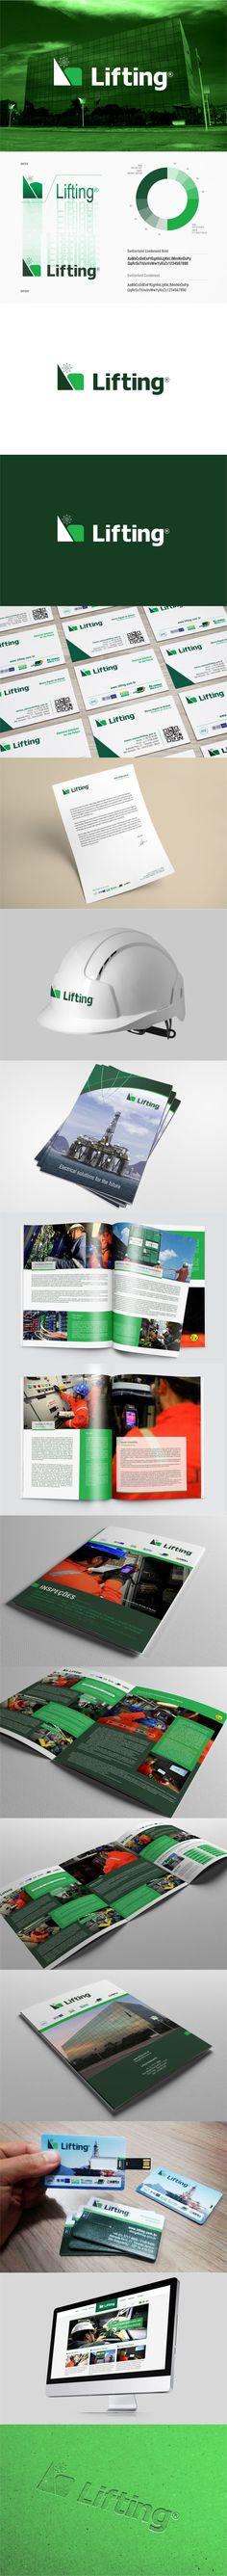 Redesign de marca para a Lifting, empresa especializada em elétrica e eletrônica para o mercado offshore. Acessem: www.lifting.com.br